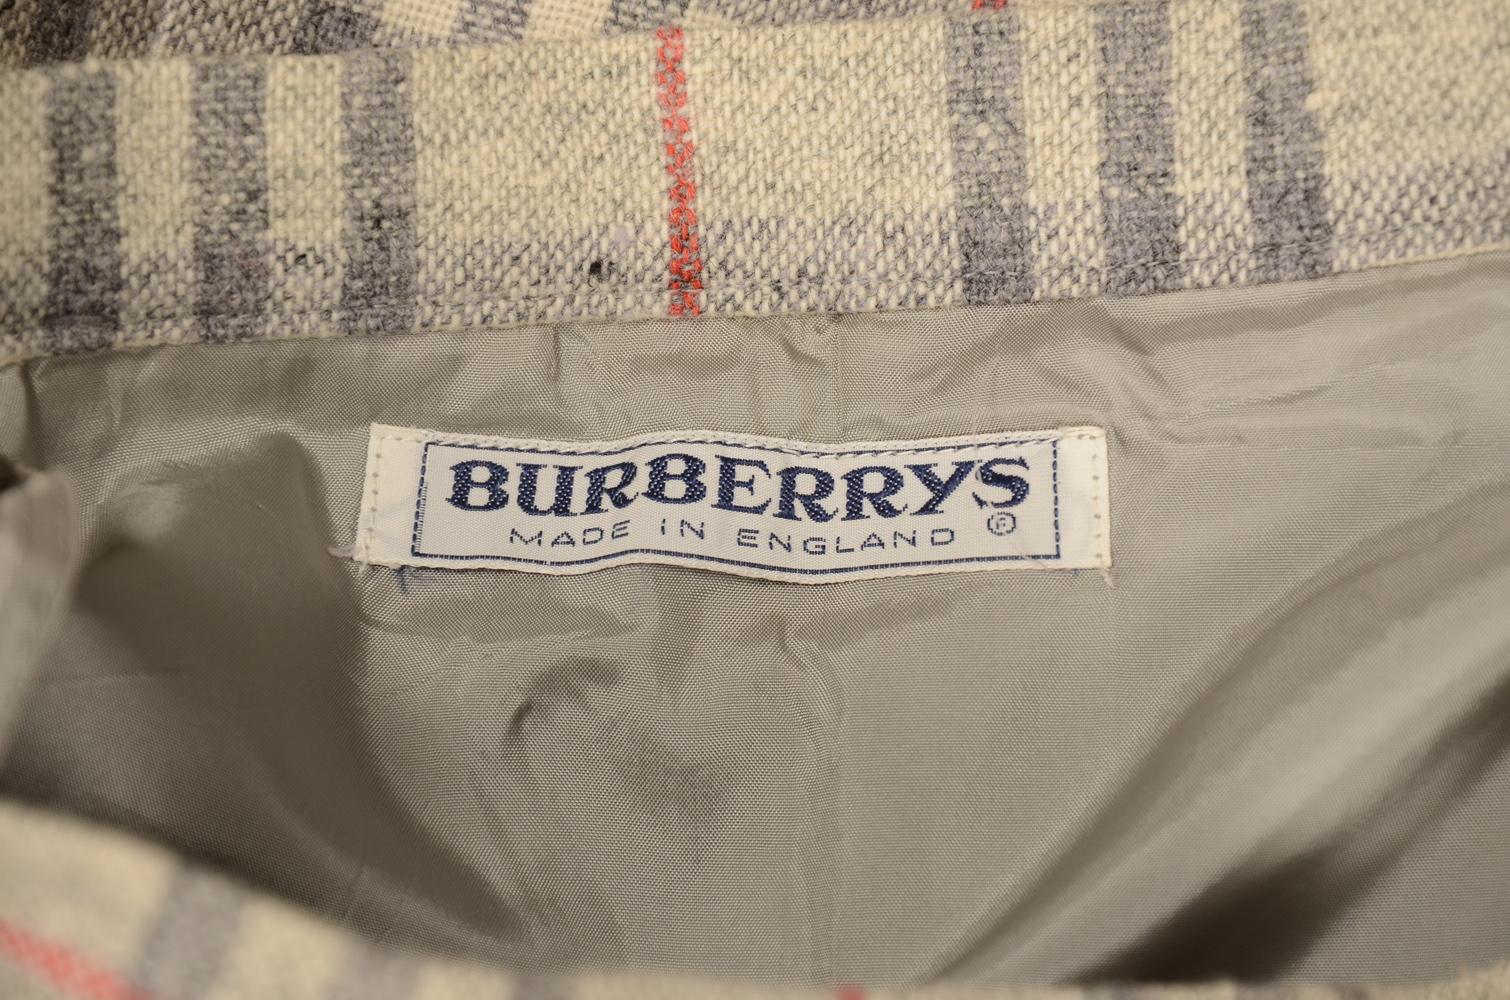 Burberry ternet nederdel af 100 % uld str. 12 ex. lang